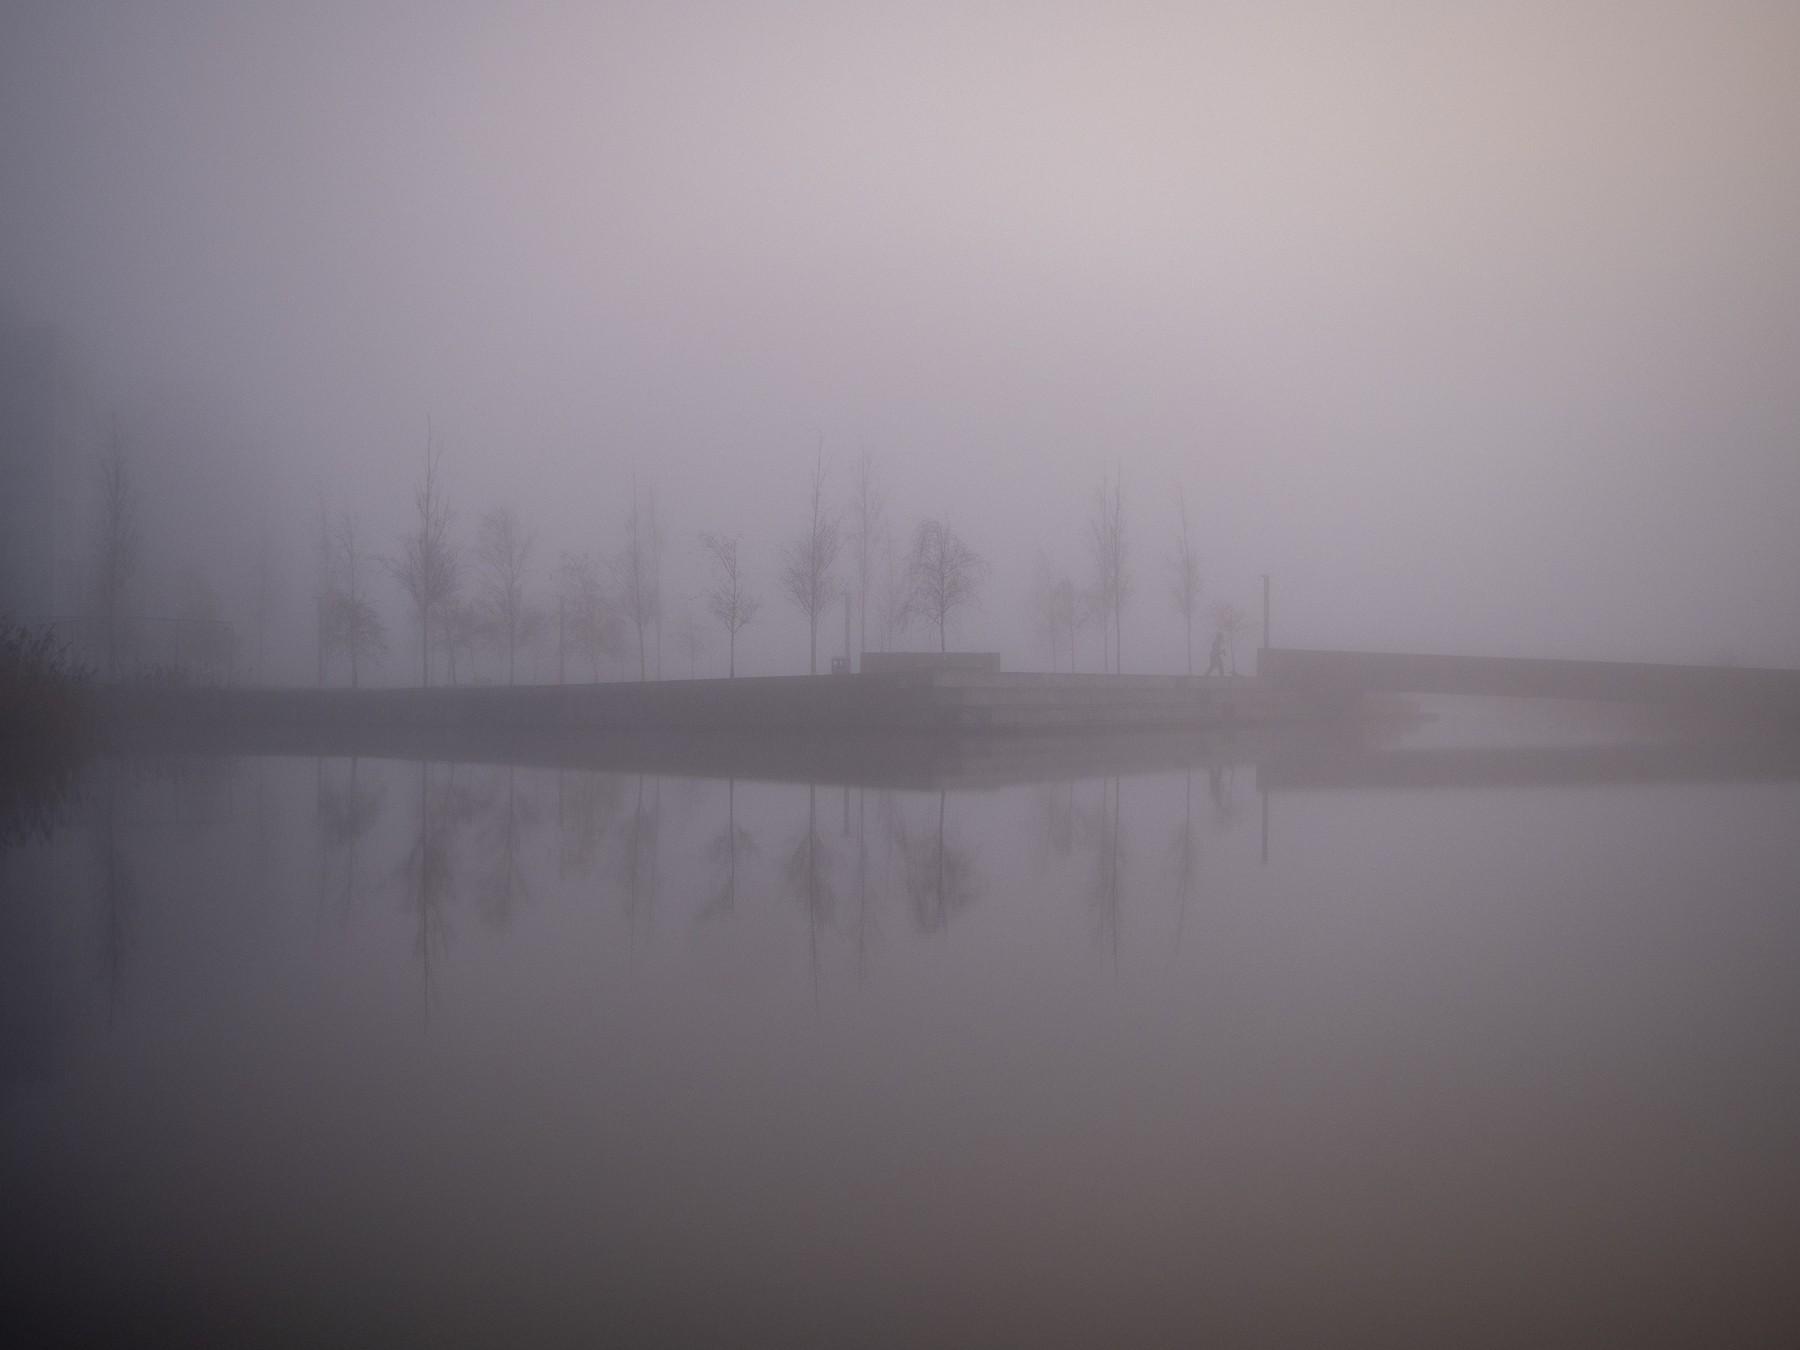 Kalvebod Fælled i tyk tåge alt